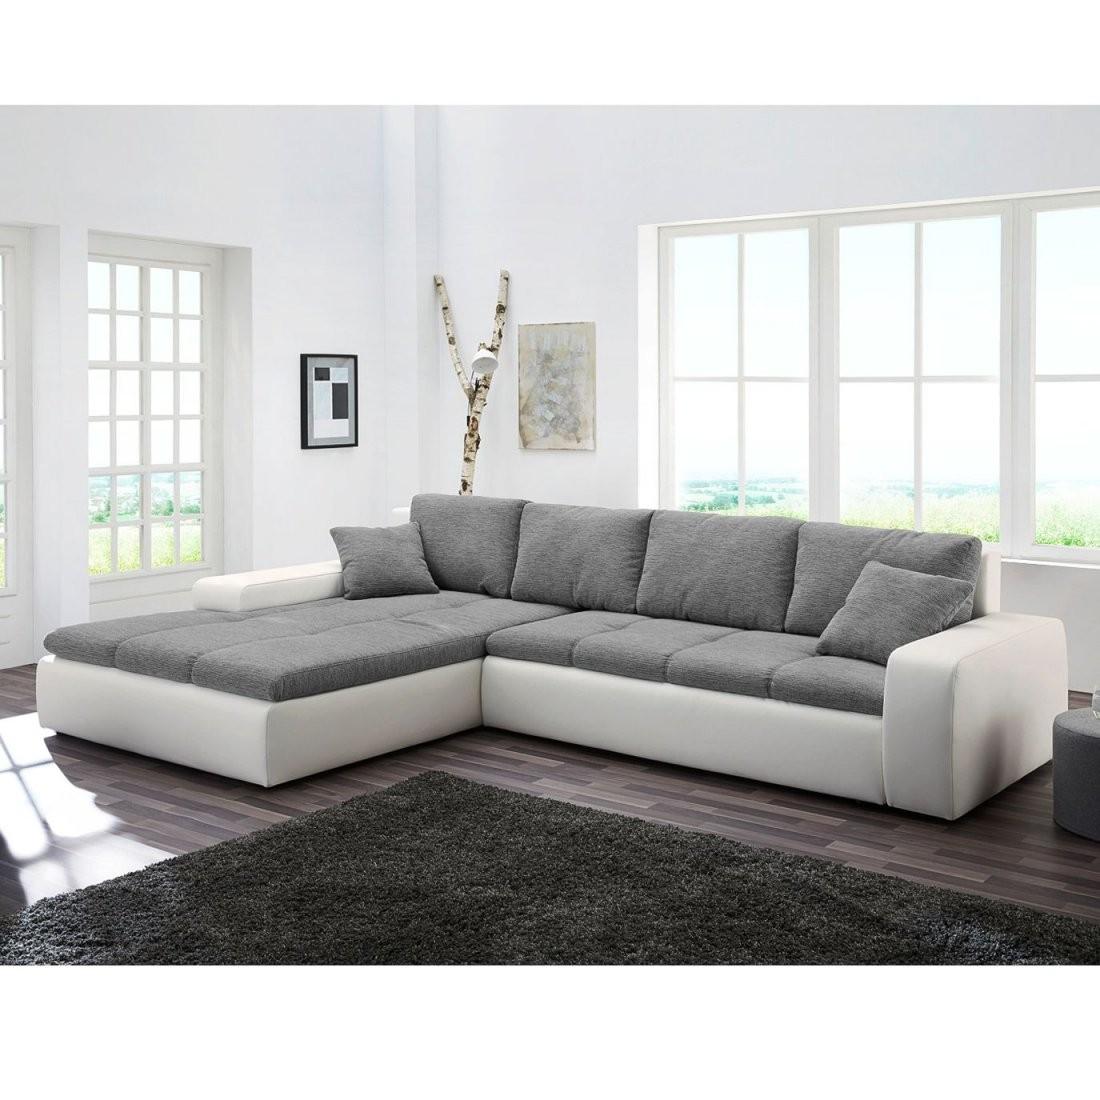 Ecksofa Wilora (Mit Schlaffunktion)  Products  Couch Home Decor von Kleine Polsterecke Mit Schlaffunktion Photo